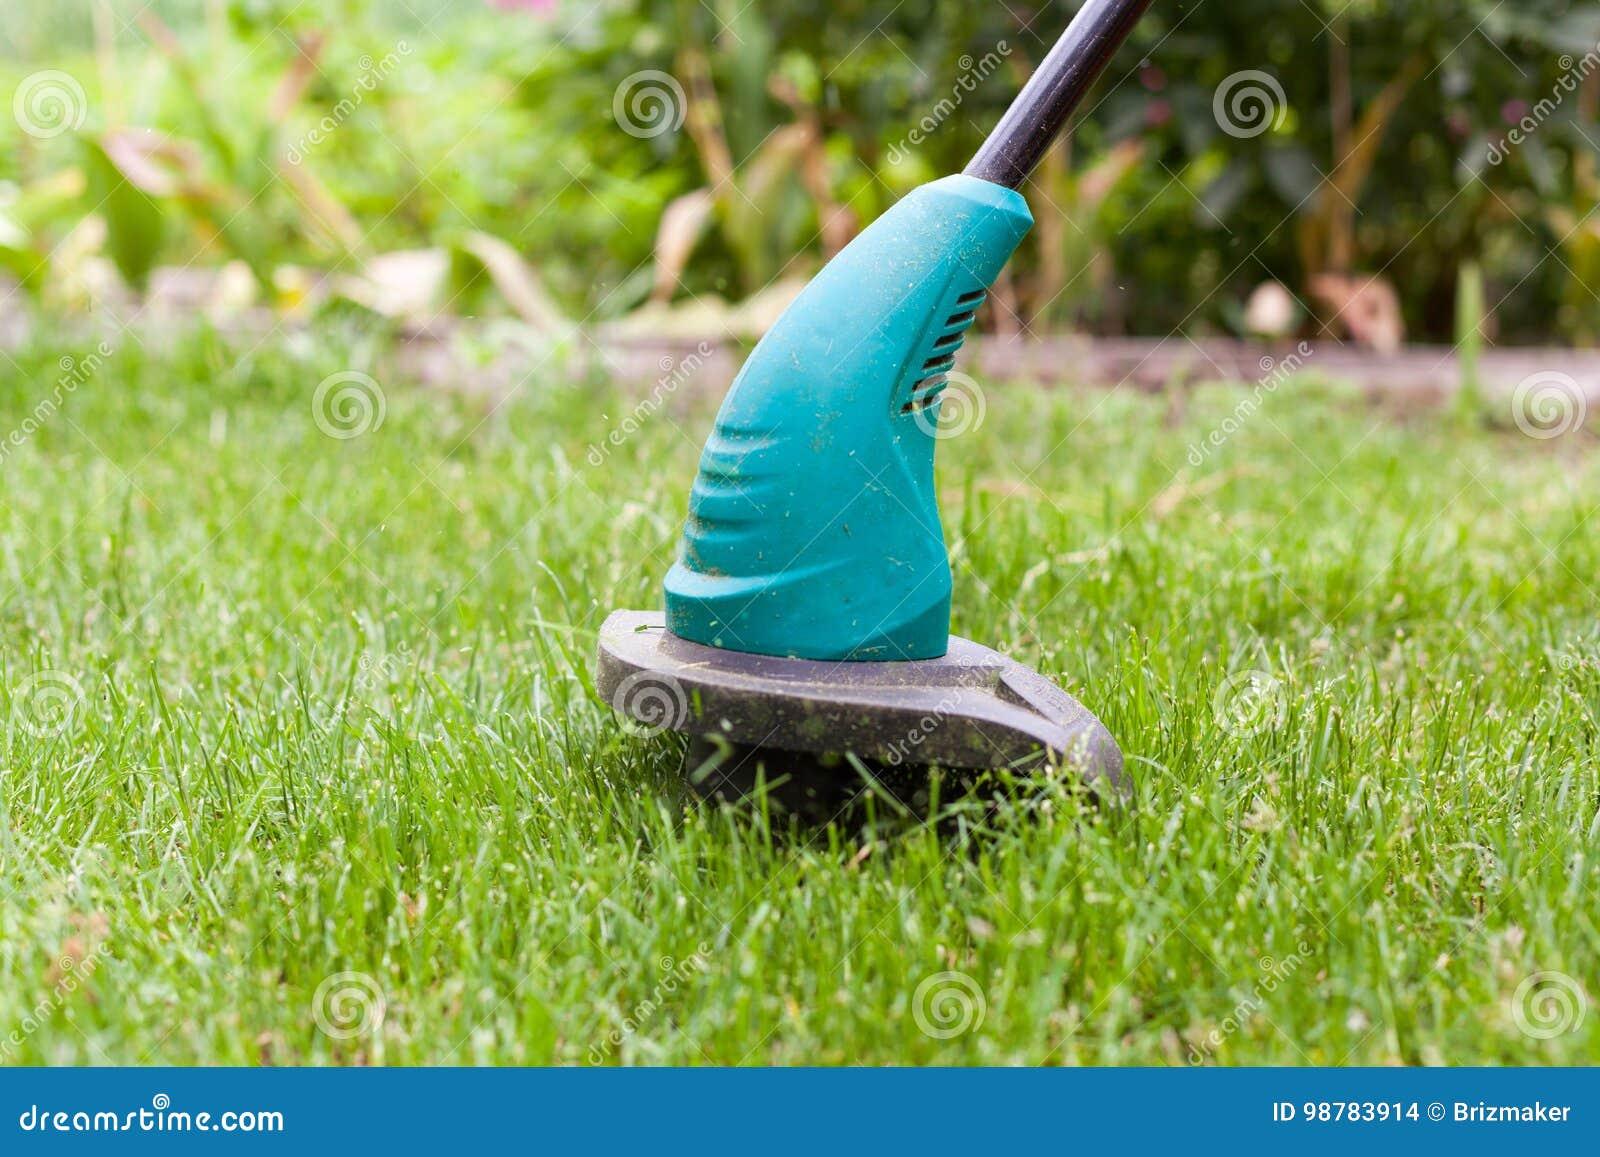 Le trimmer de pelouse d essence fauche l herbe verte juteuse sur une pelouse un jour ensoleillé d été Équipement de jardin